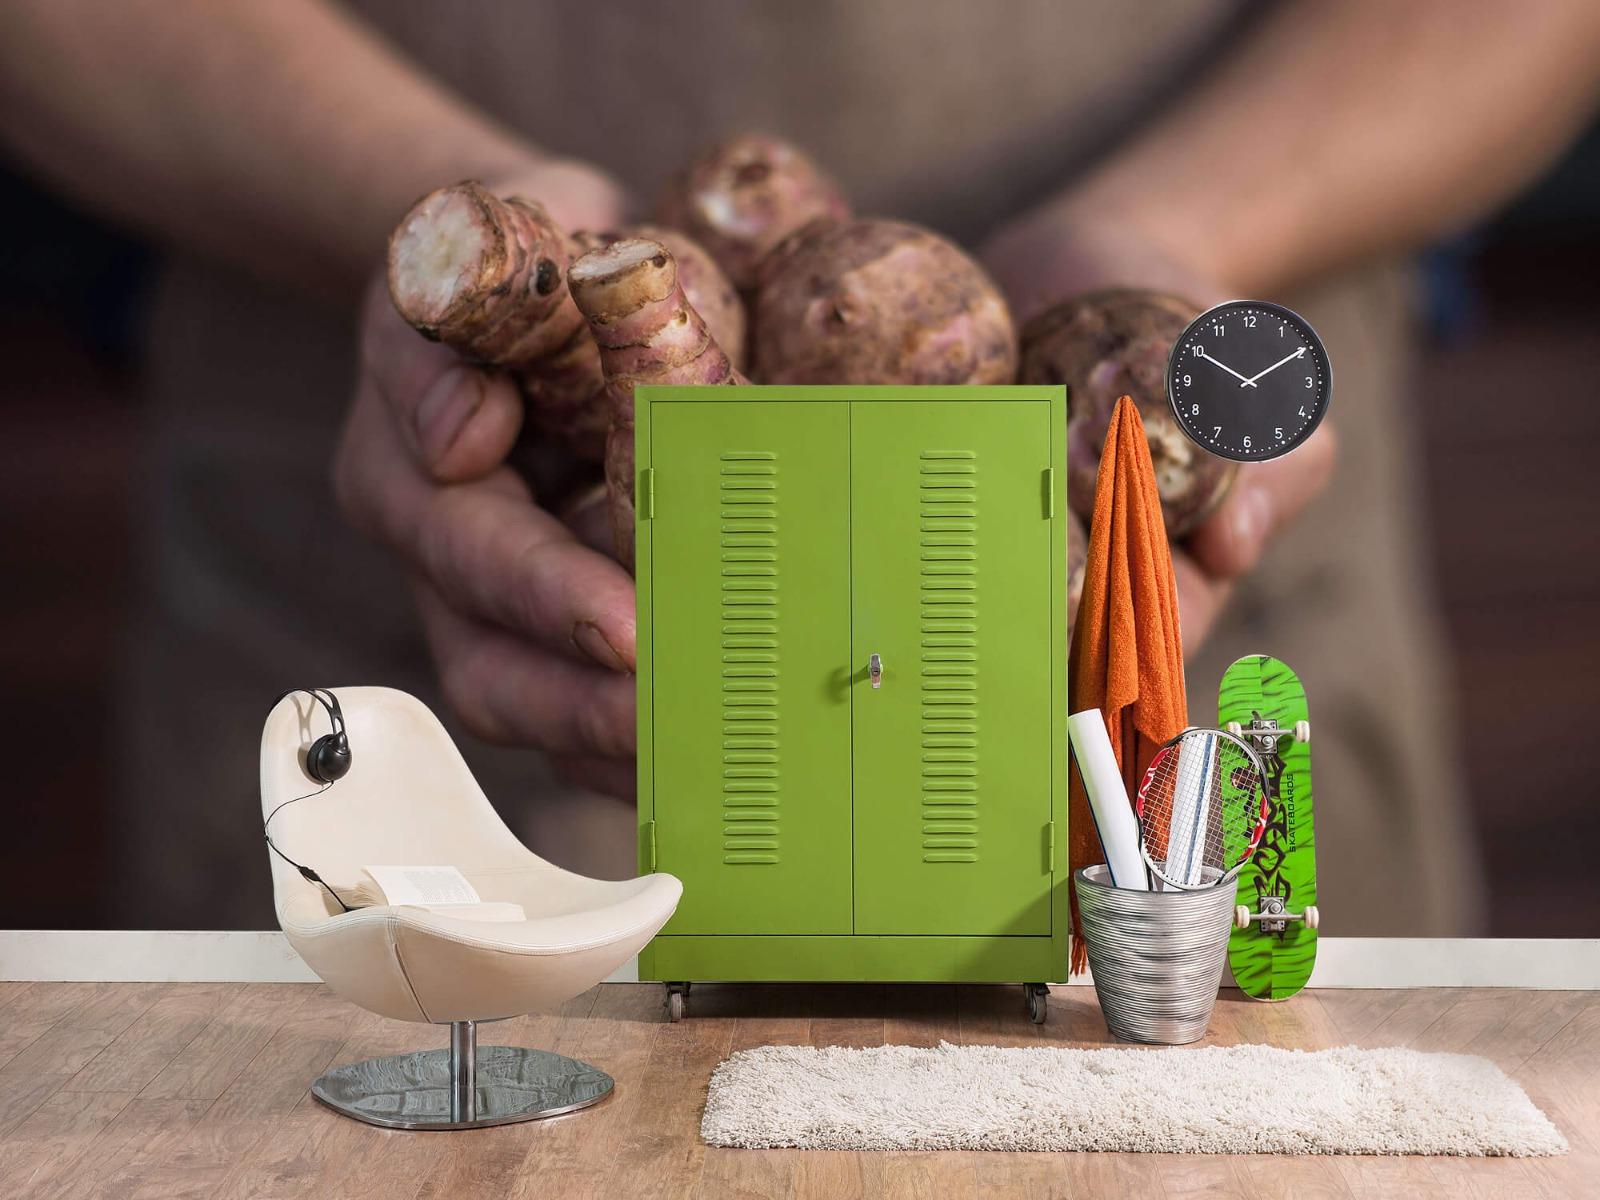 Overige - Aardproducten - Keuken 18